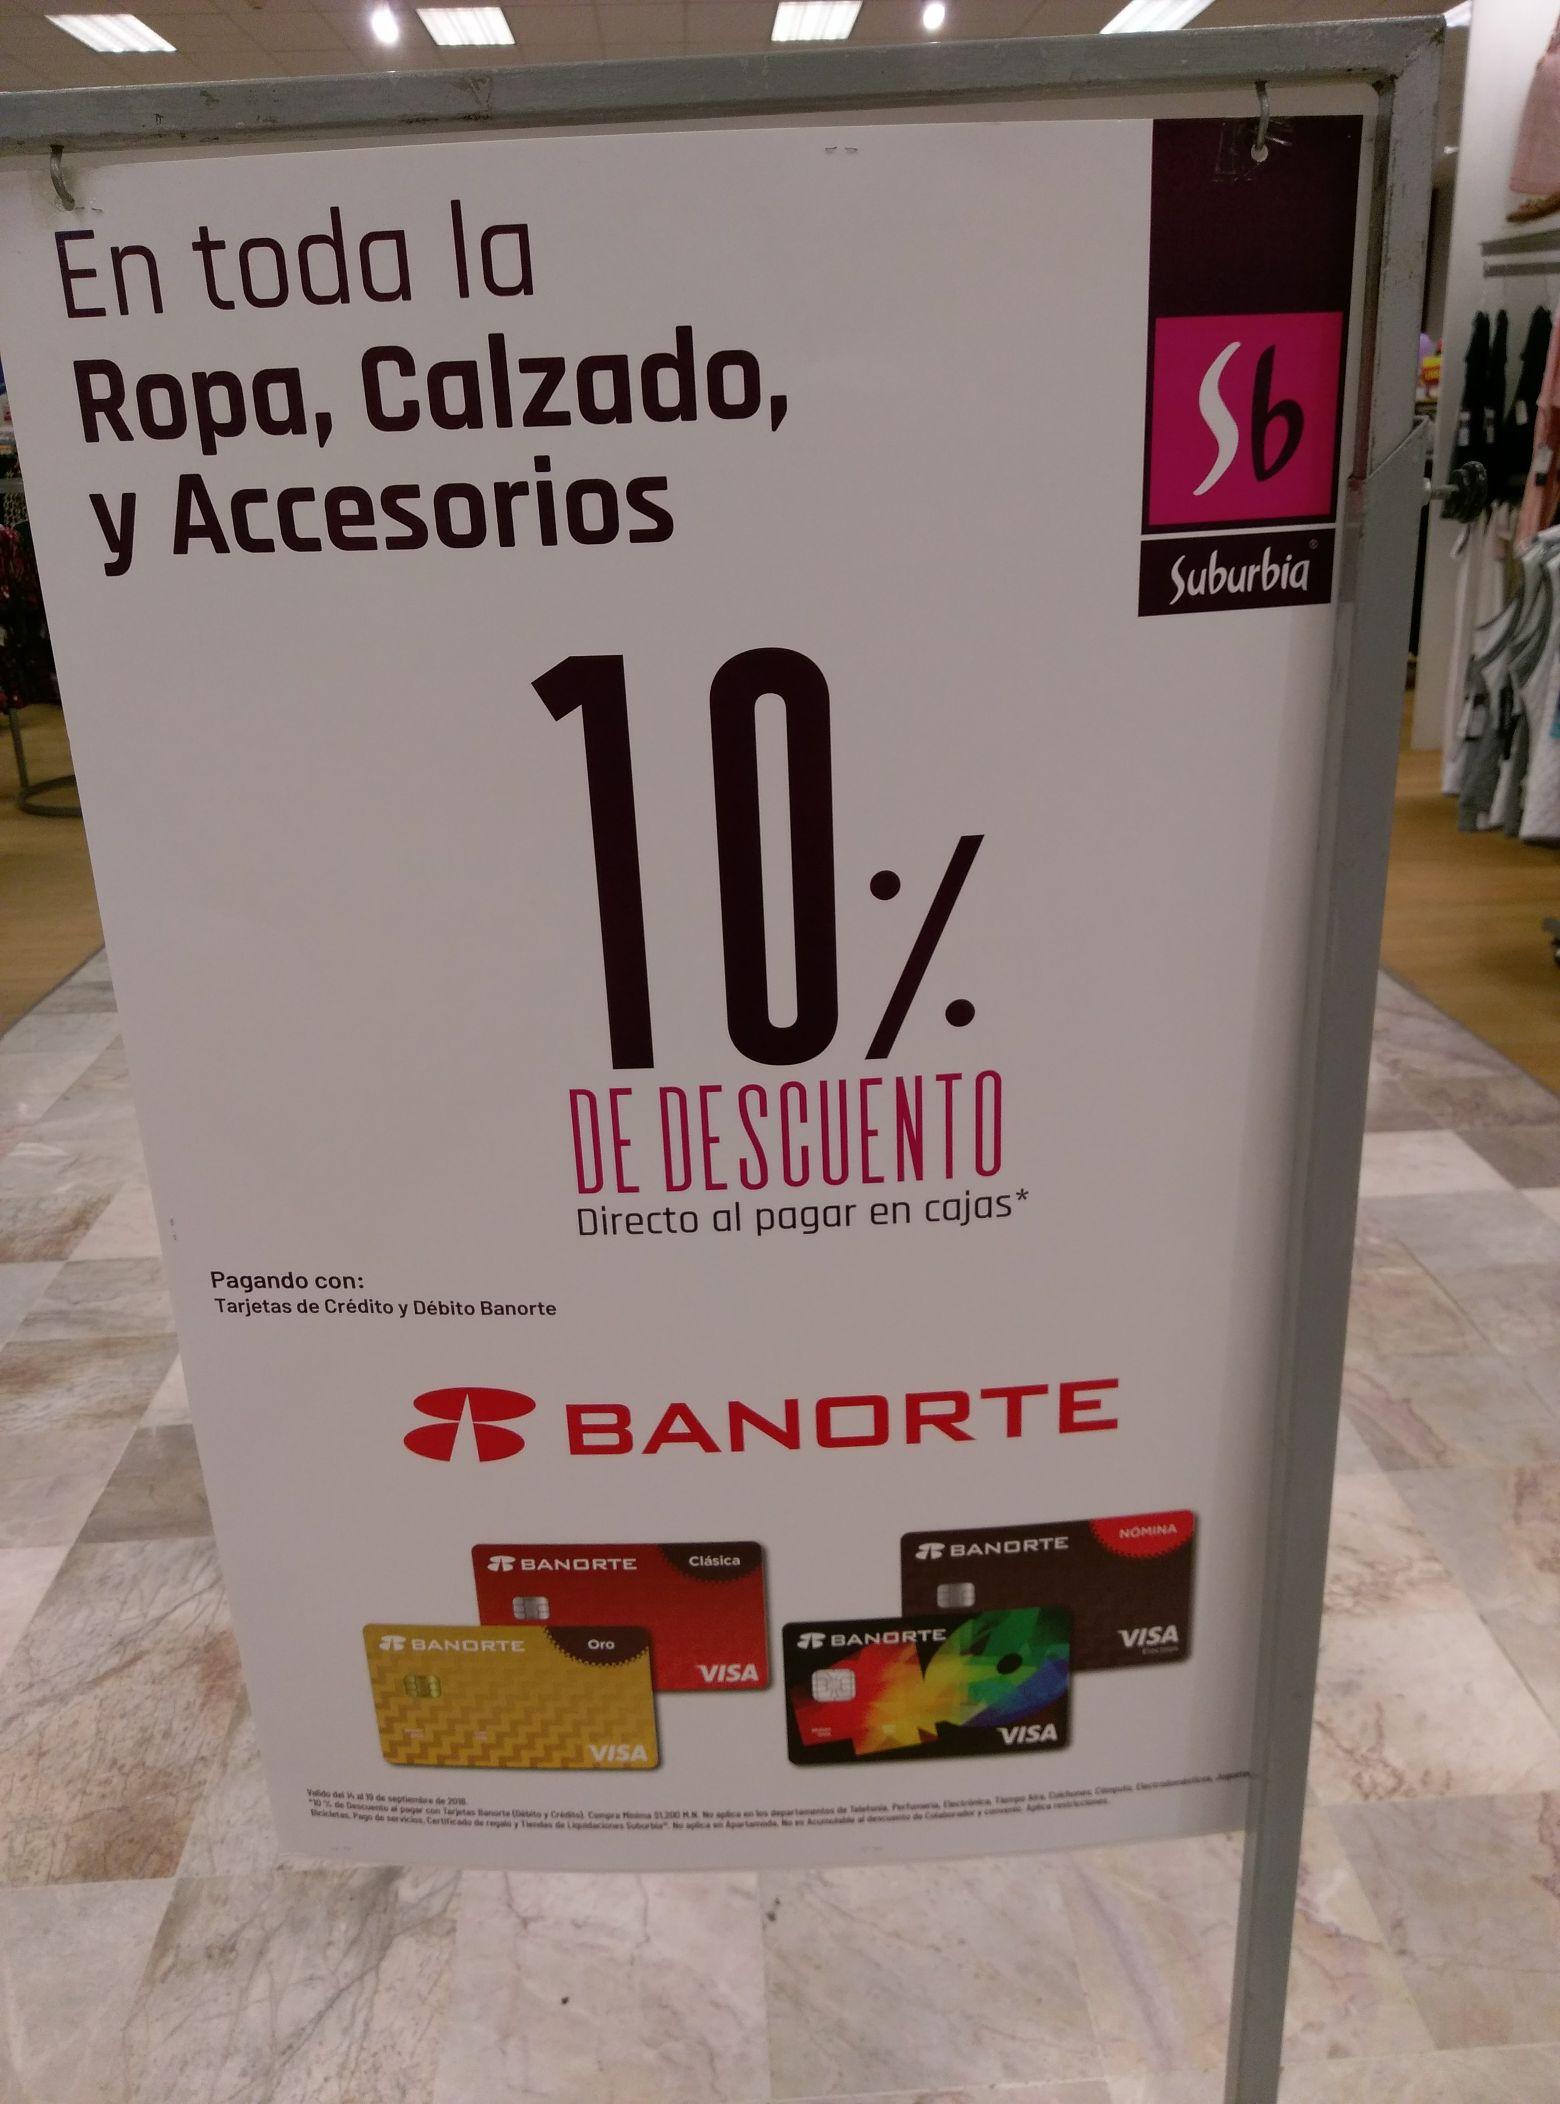 Suburbia Descuento del 10% pagando con tarjetas Banorte crédito o débito